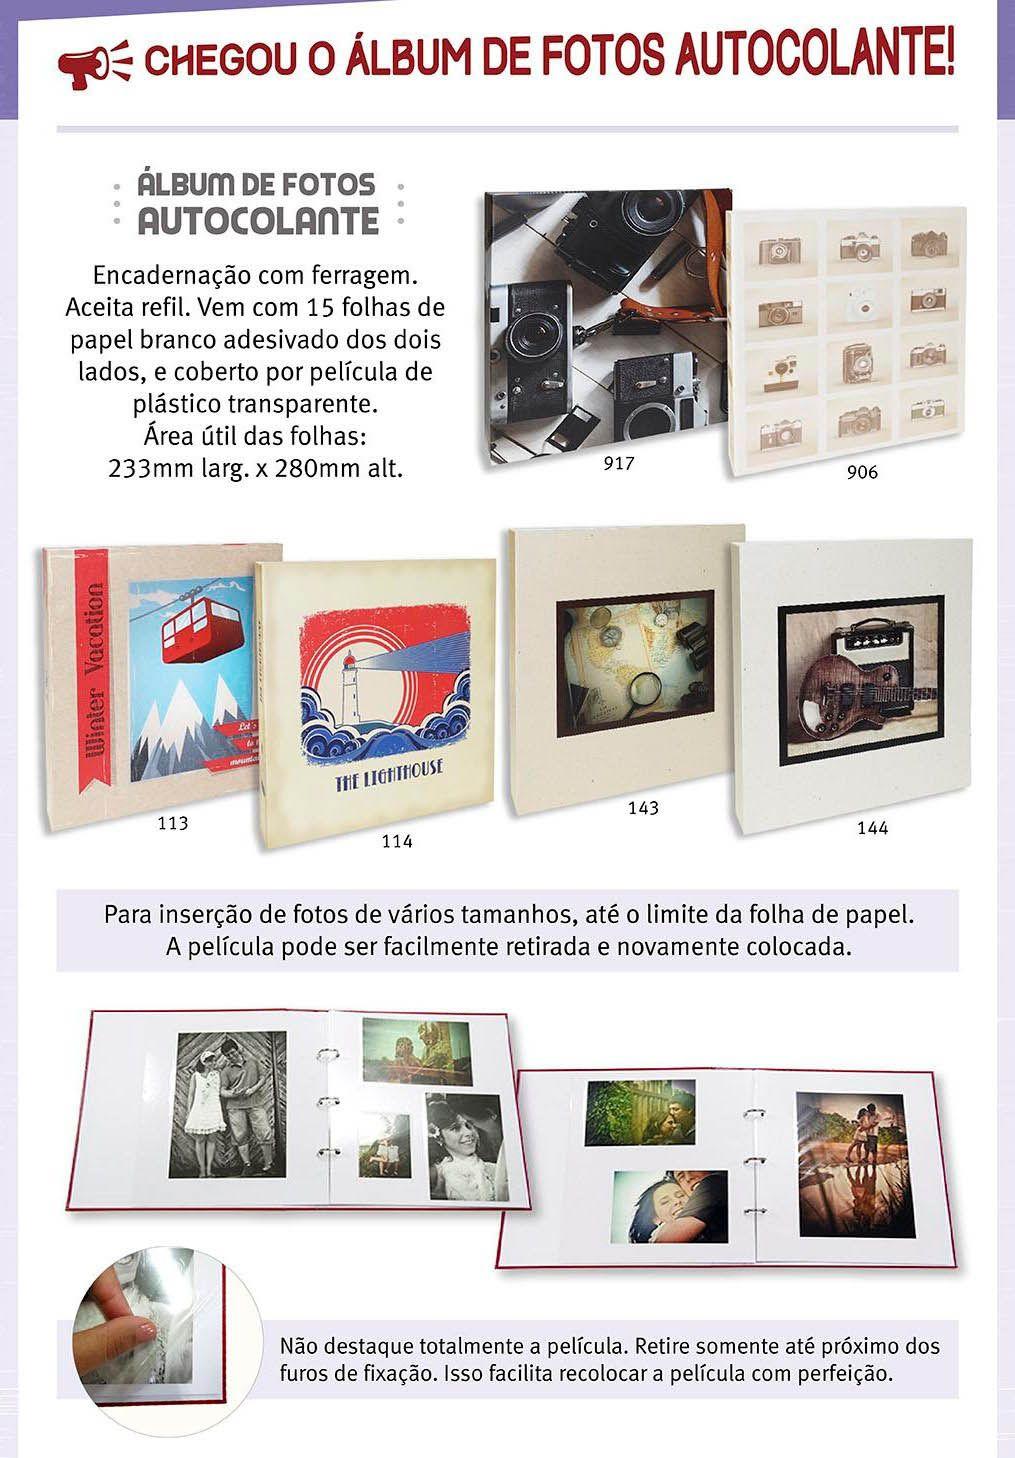 Álbum de fotos autocolante Insta Lovers Ical 906